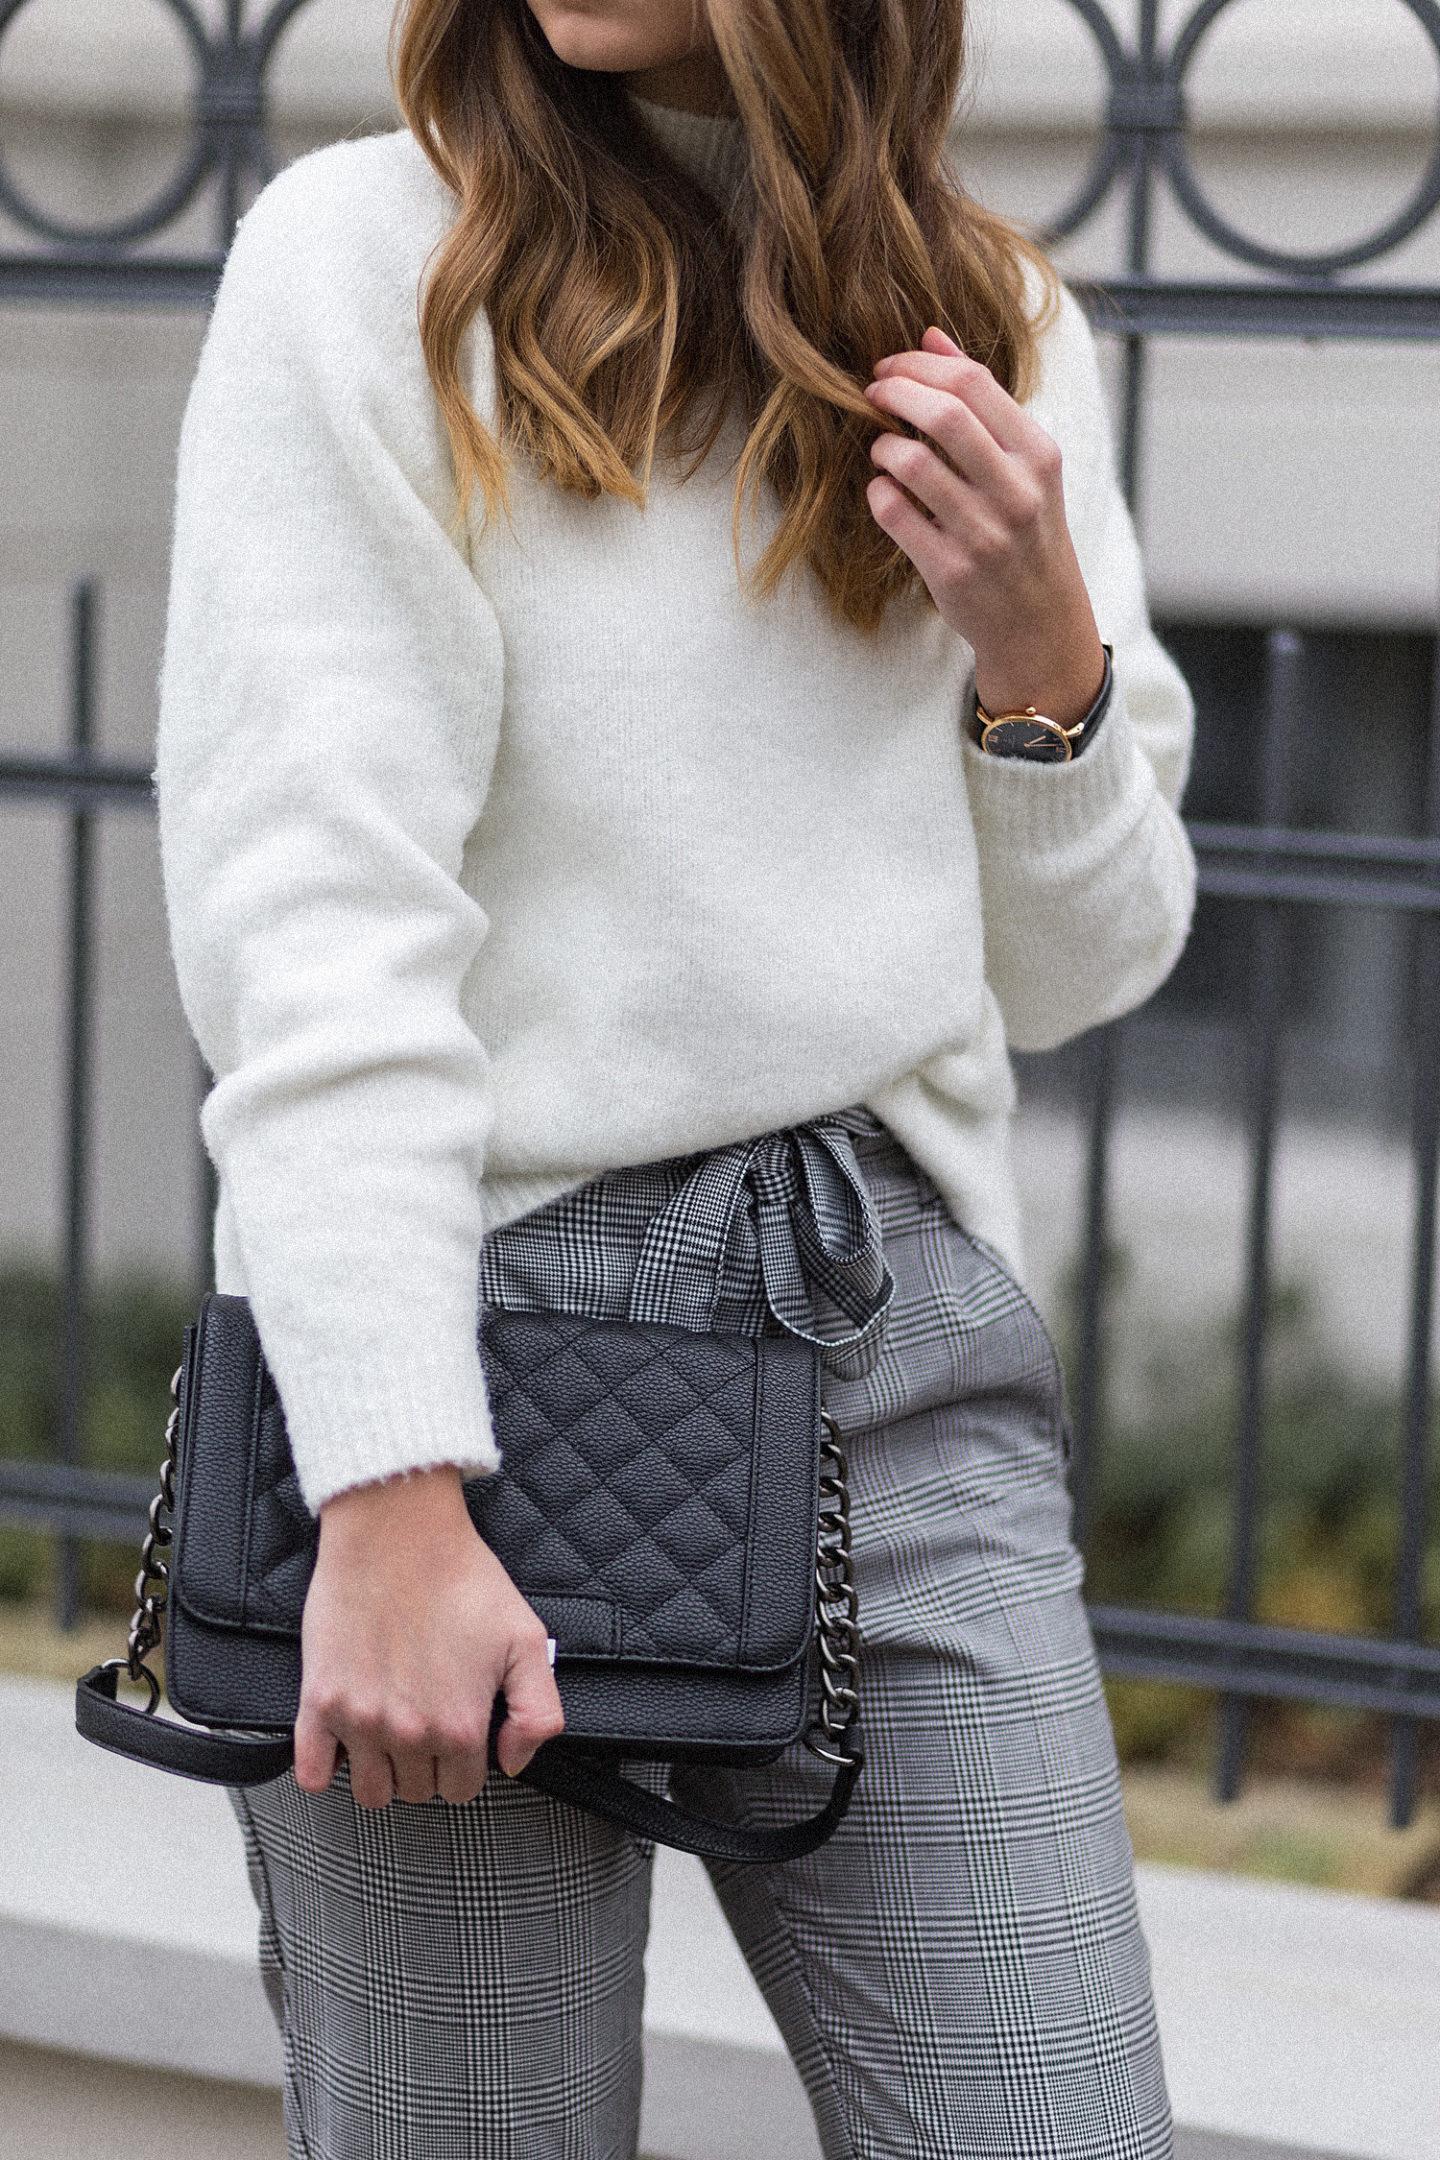 Karierte Hose kombinieren, schwarze Sock Boots, weißer Strickpullover von Asos, Karo Hose Outfit, Glencheck Trend, bezauberndenana.de